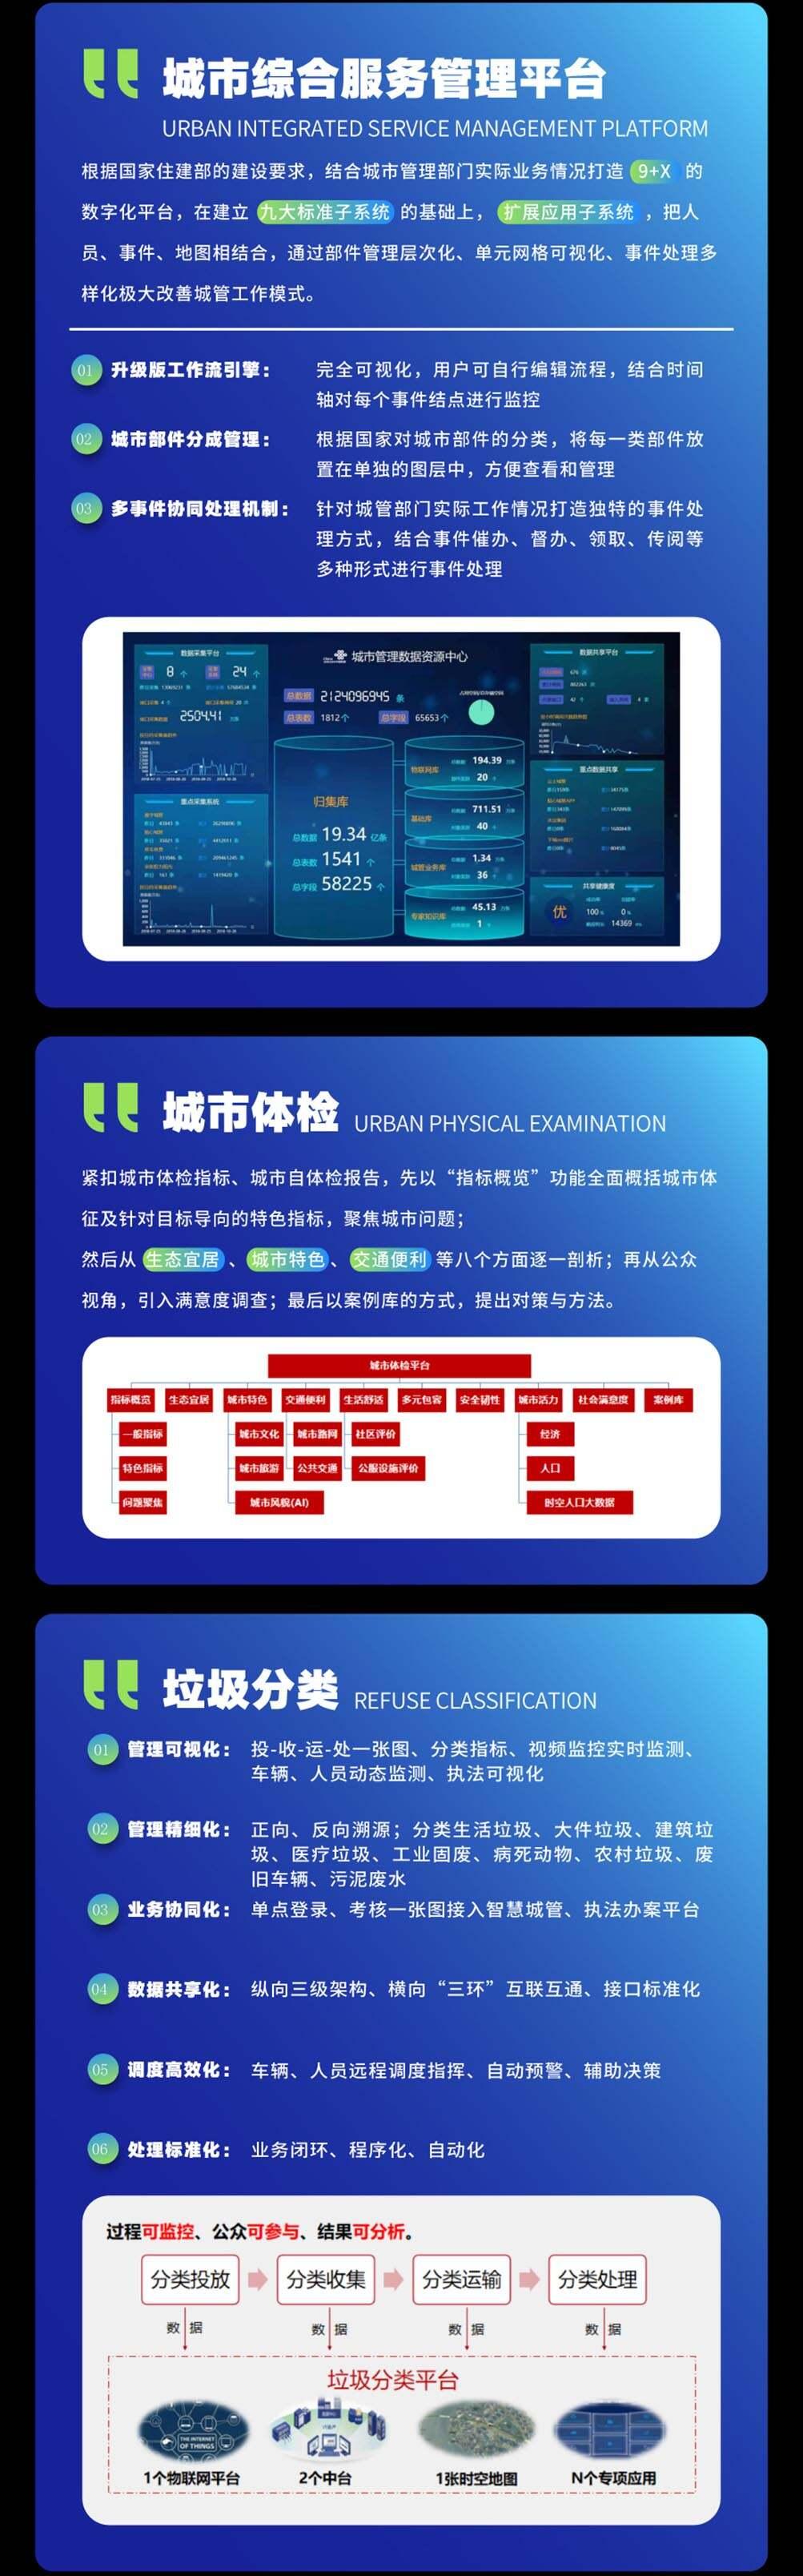 中国联通 智慧住建3